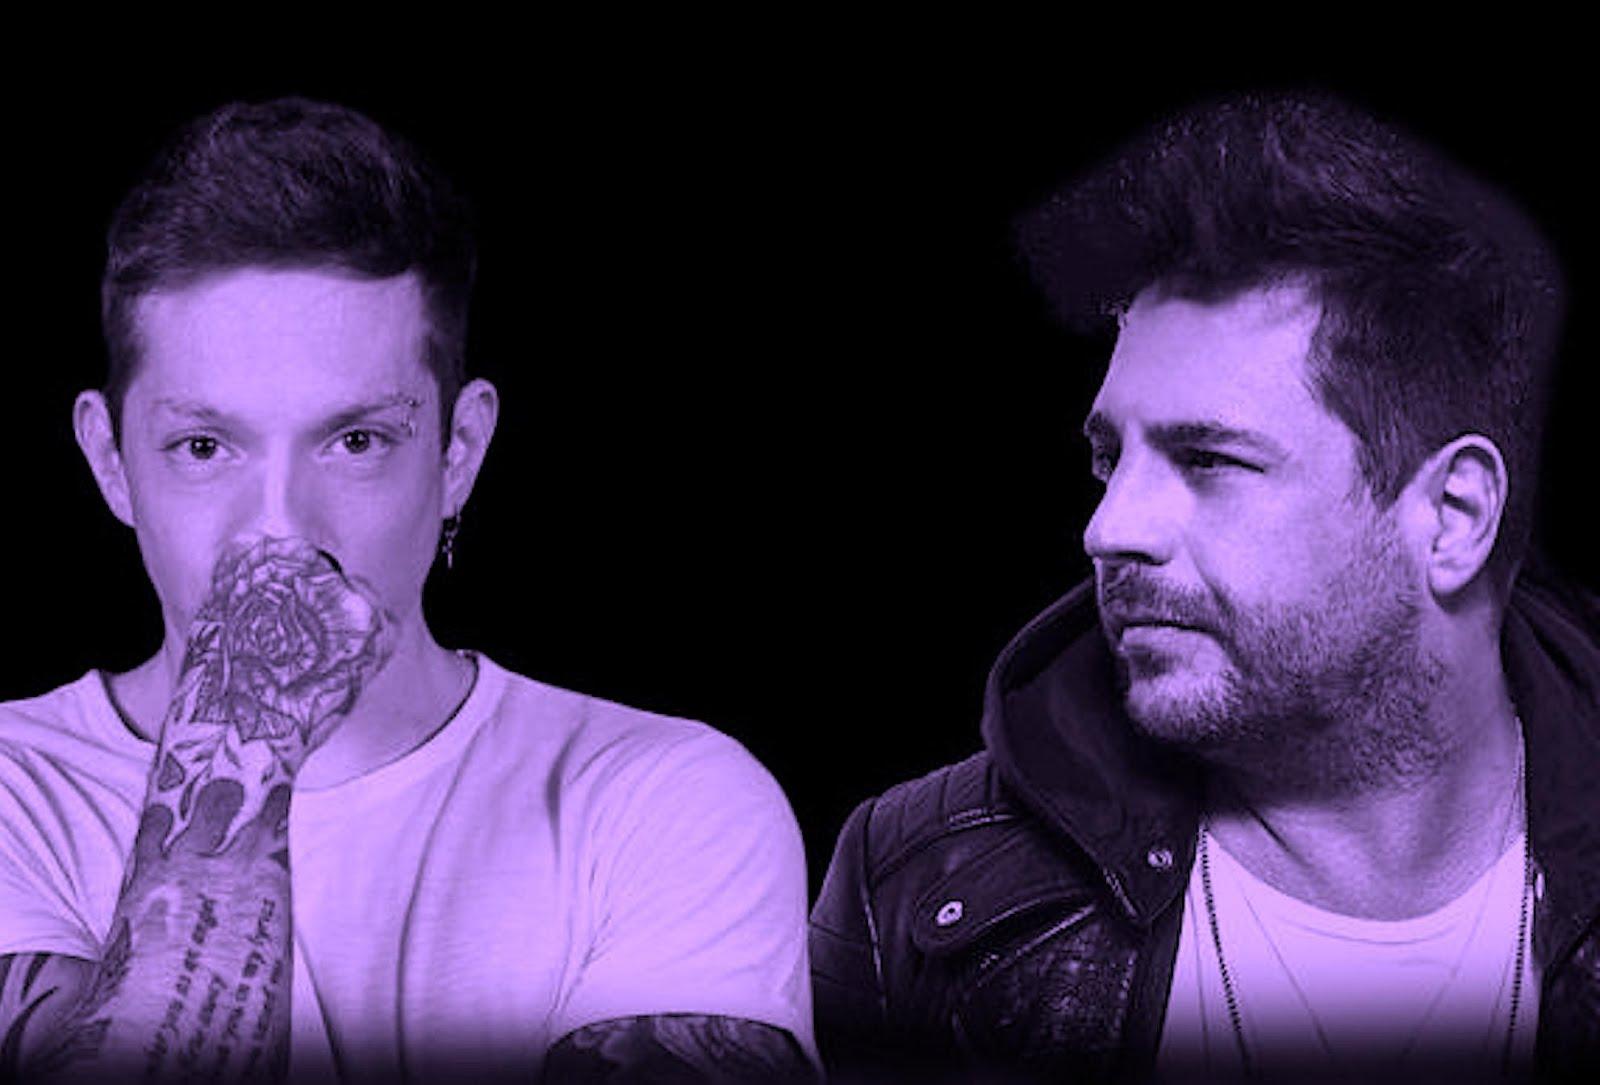 Stefano Pain, Riccardo Ray: come è nata Goin' Down... e un po' di idee per dj e clubbing